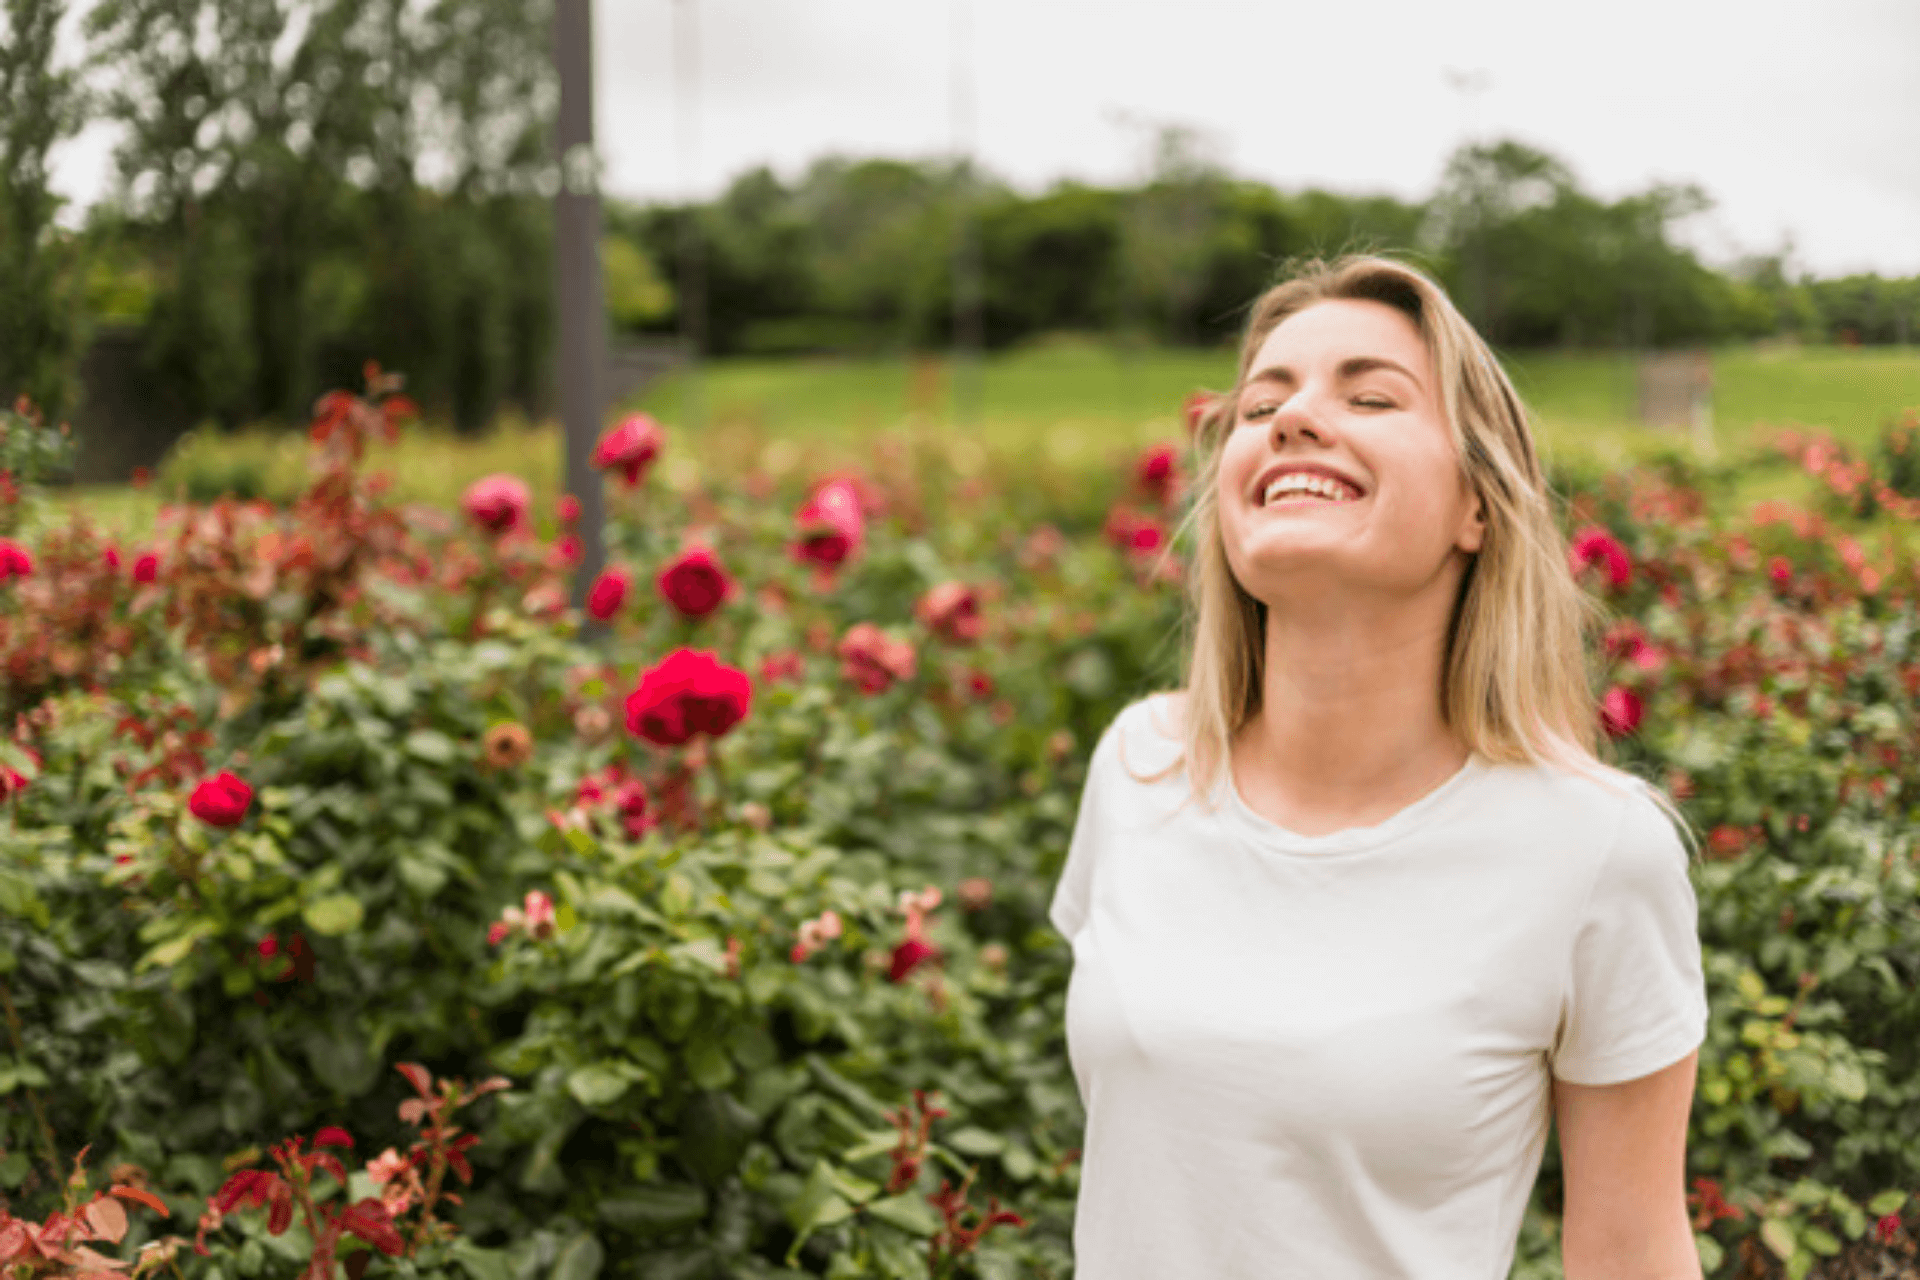 Uniformização e rejuvenescimento da pele após exposição solar no verão